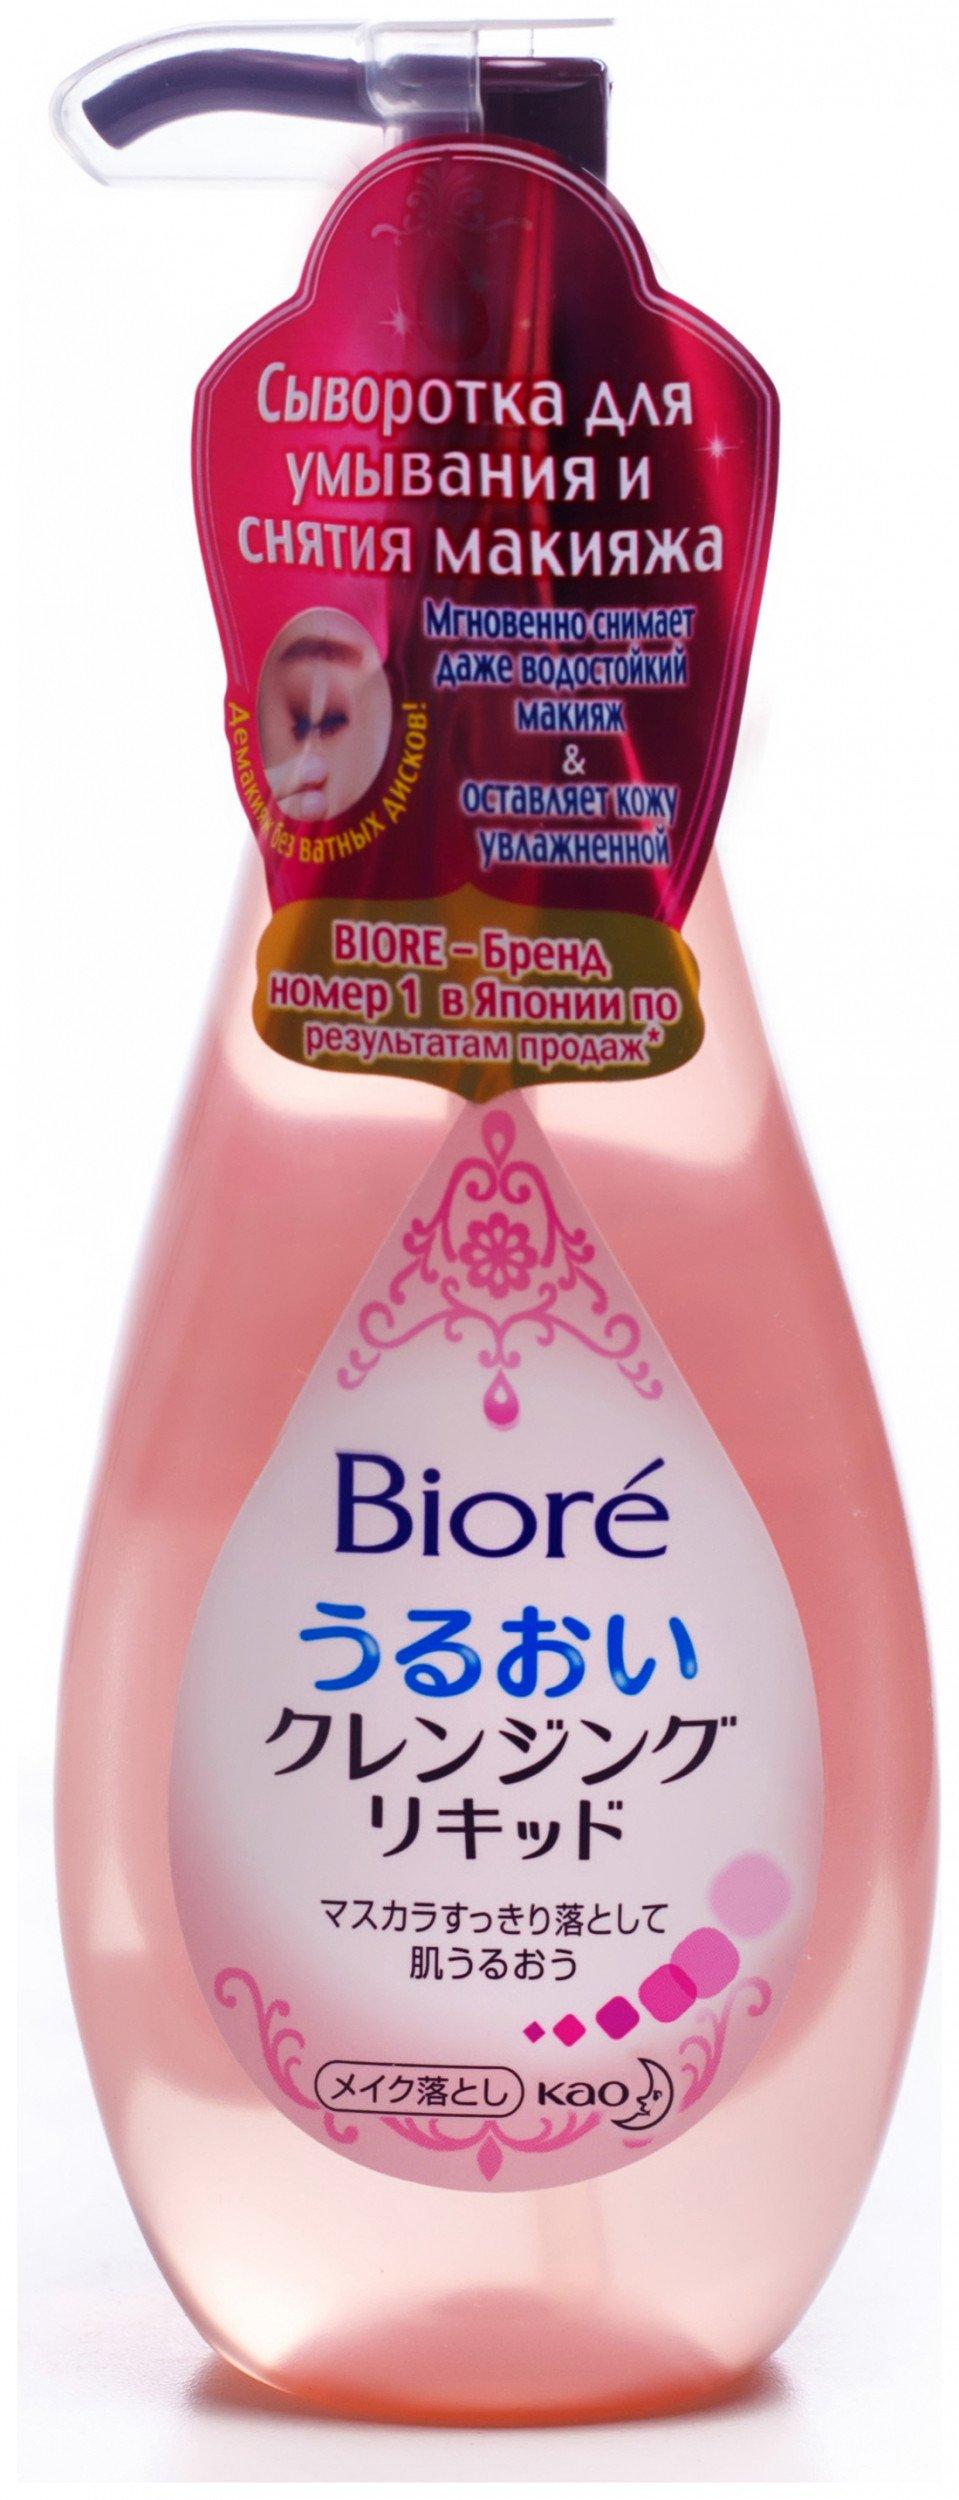 Сыворотка для умывания и снятия макияжа  Biore